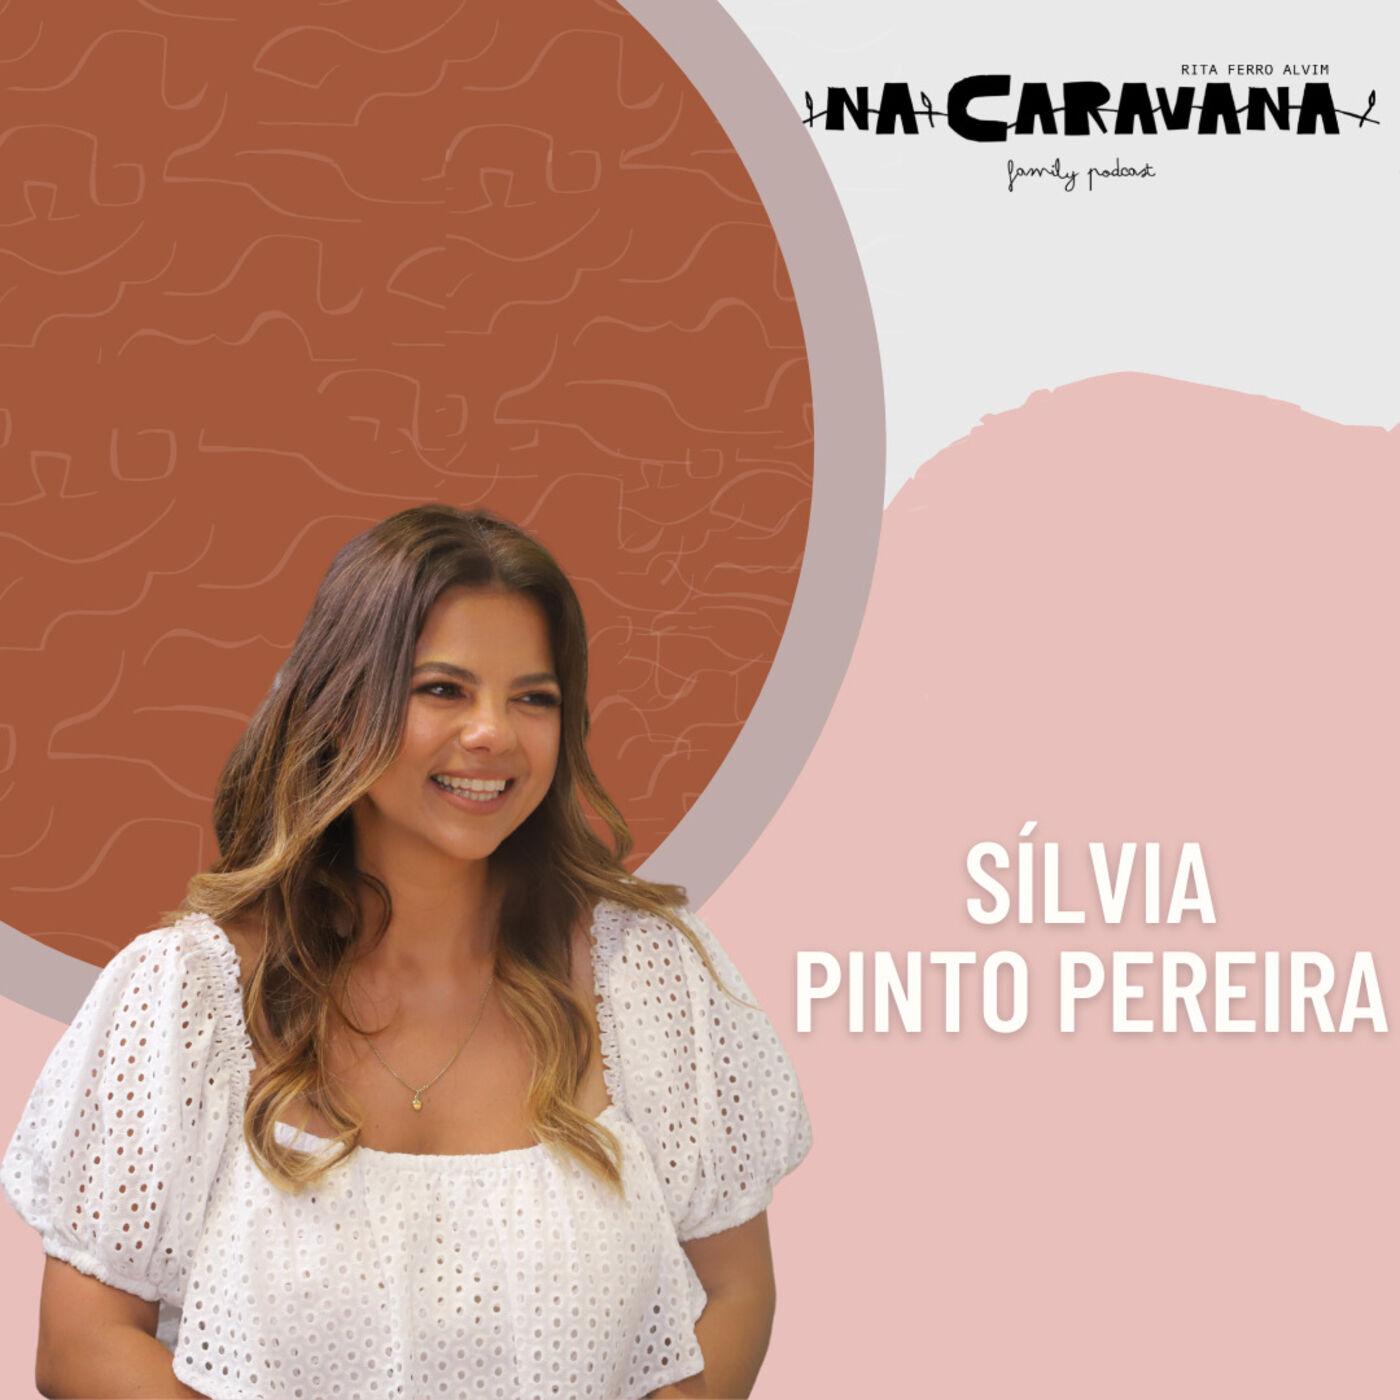 N'A Caravana com Sílvia Pinto Pereira #96 Melancolia, ascensão da marca e sinais lá de cima